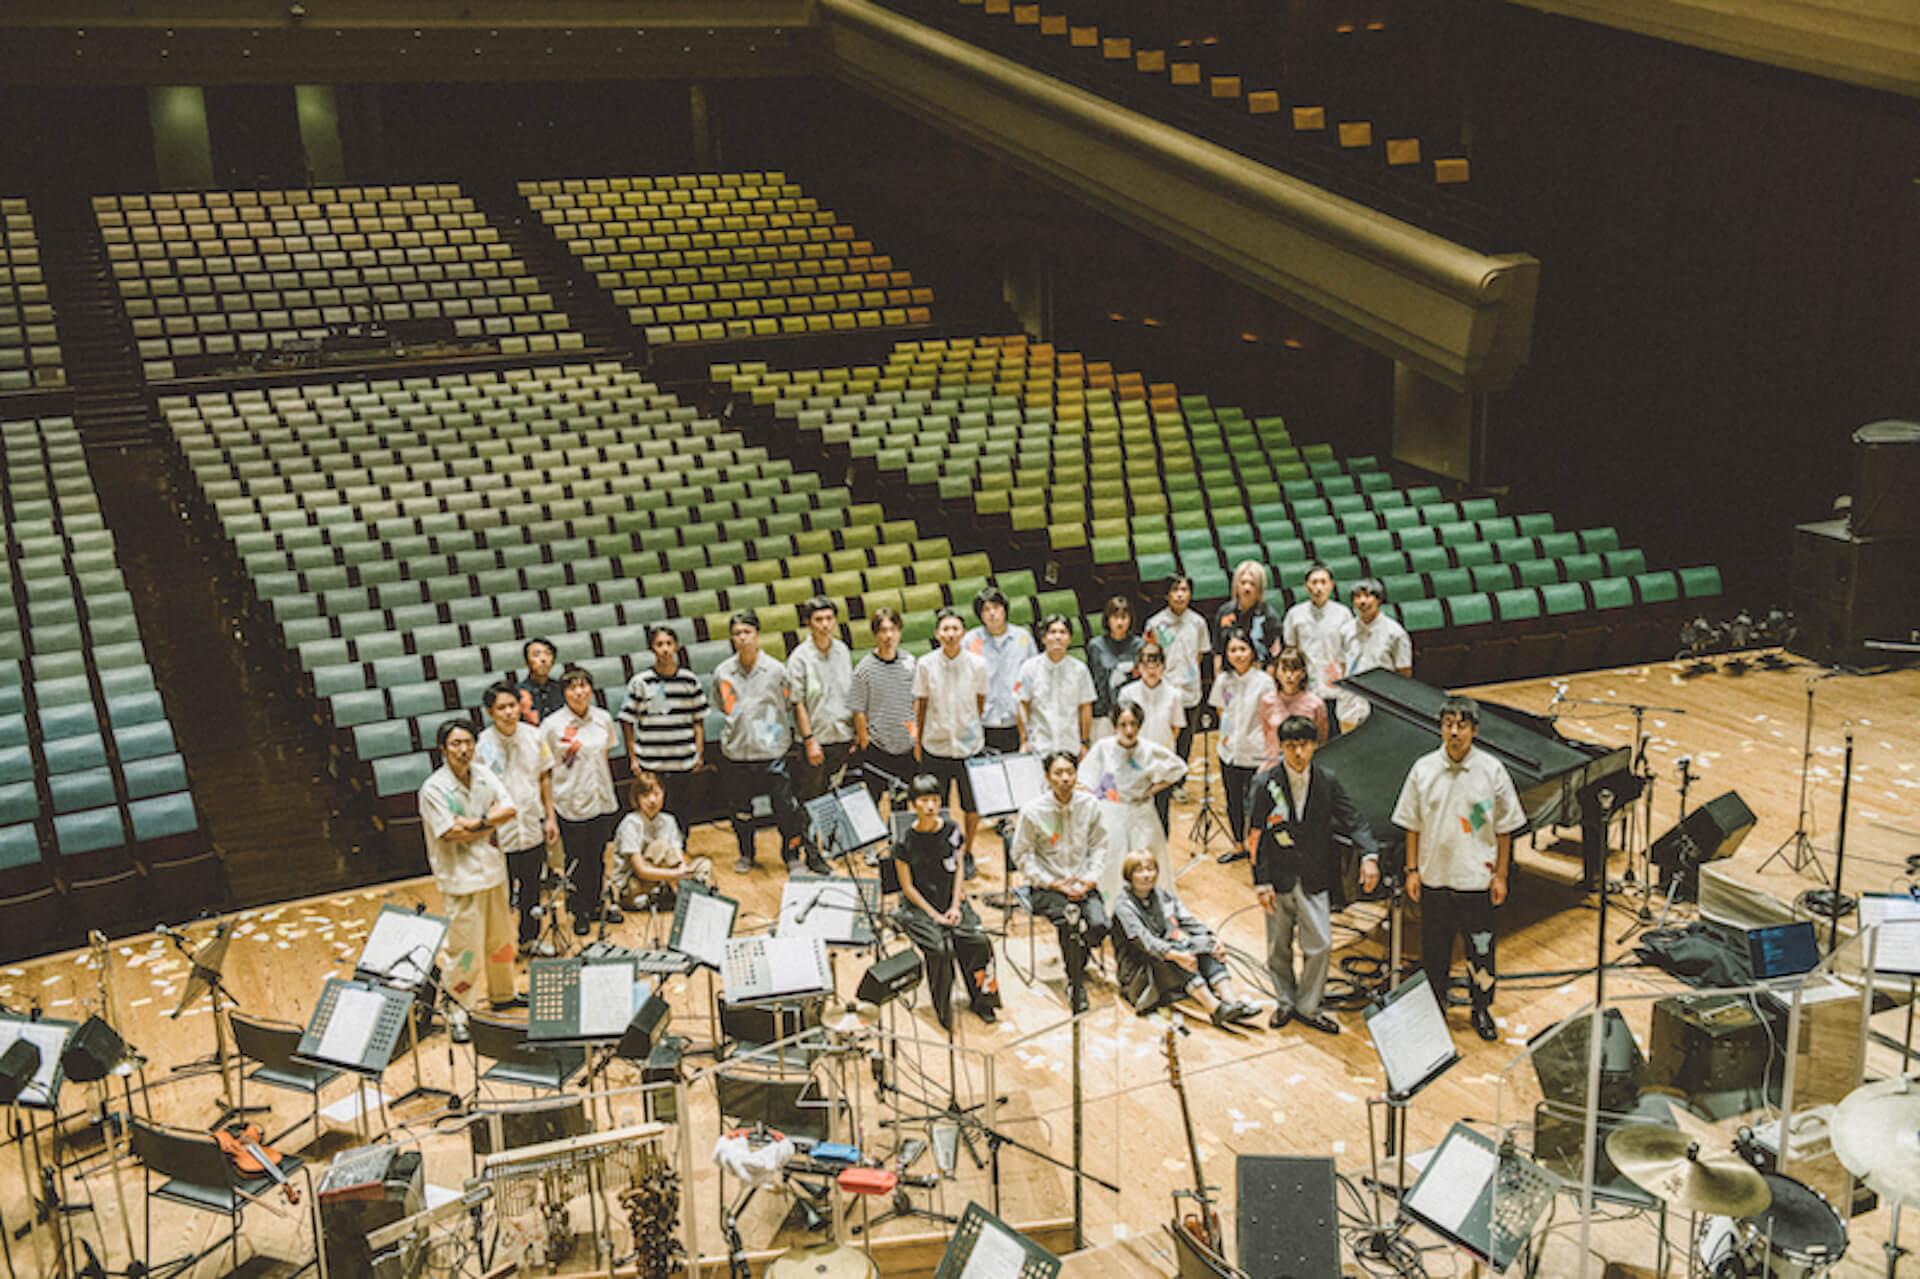 蓮沼執太フルフィルによる最新アルバム『フルフォニー』のCD&レコードが本日発売!発売記念ポップアップイベントも開催決定 music20201028_hasunumaphil_6